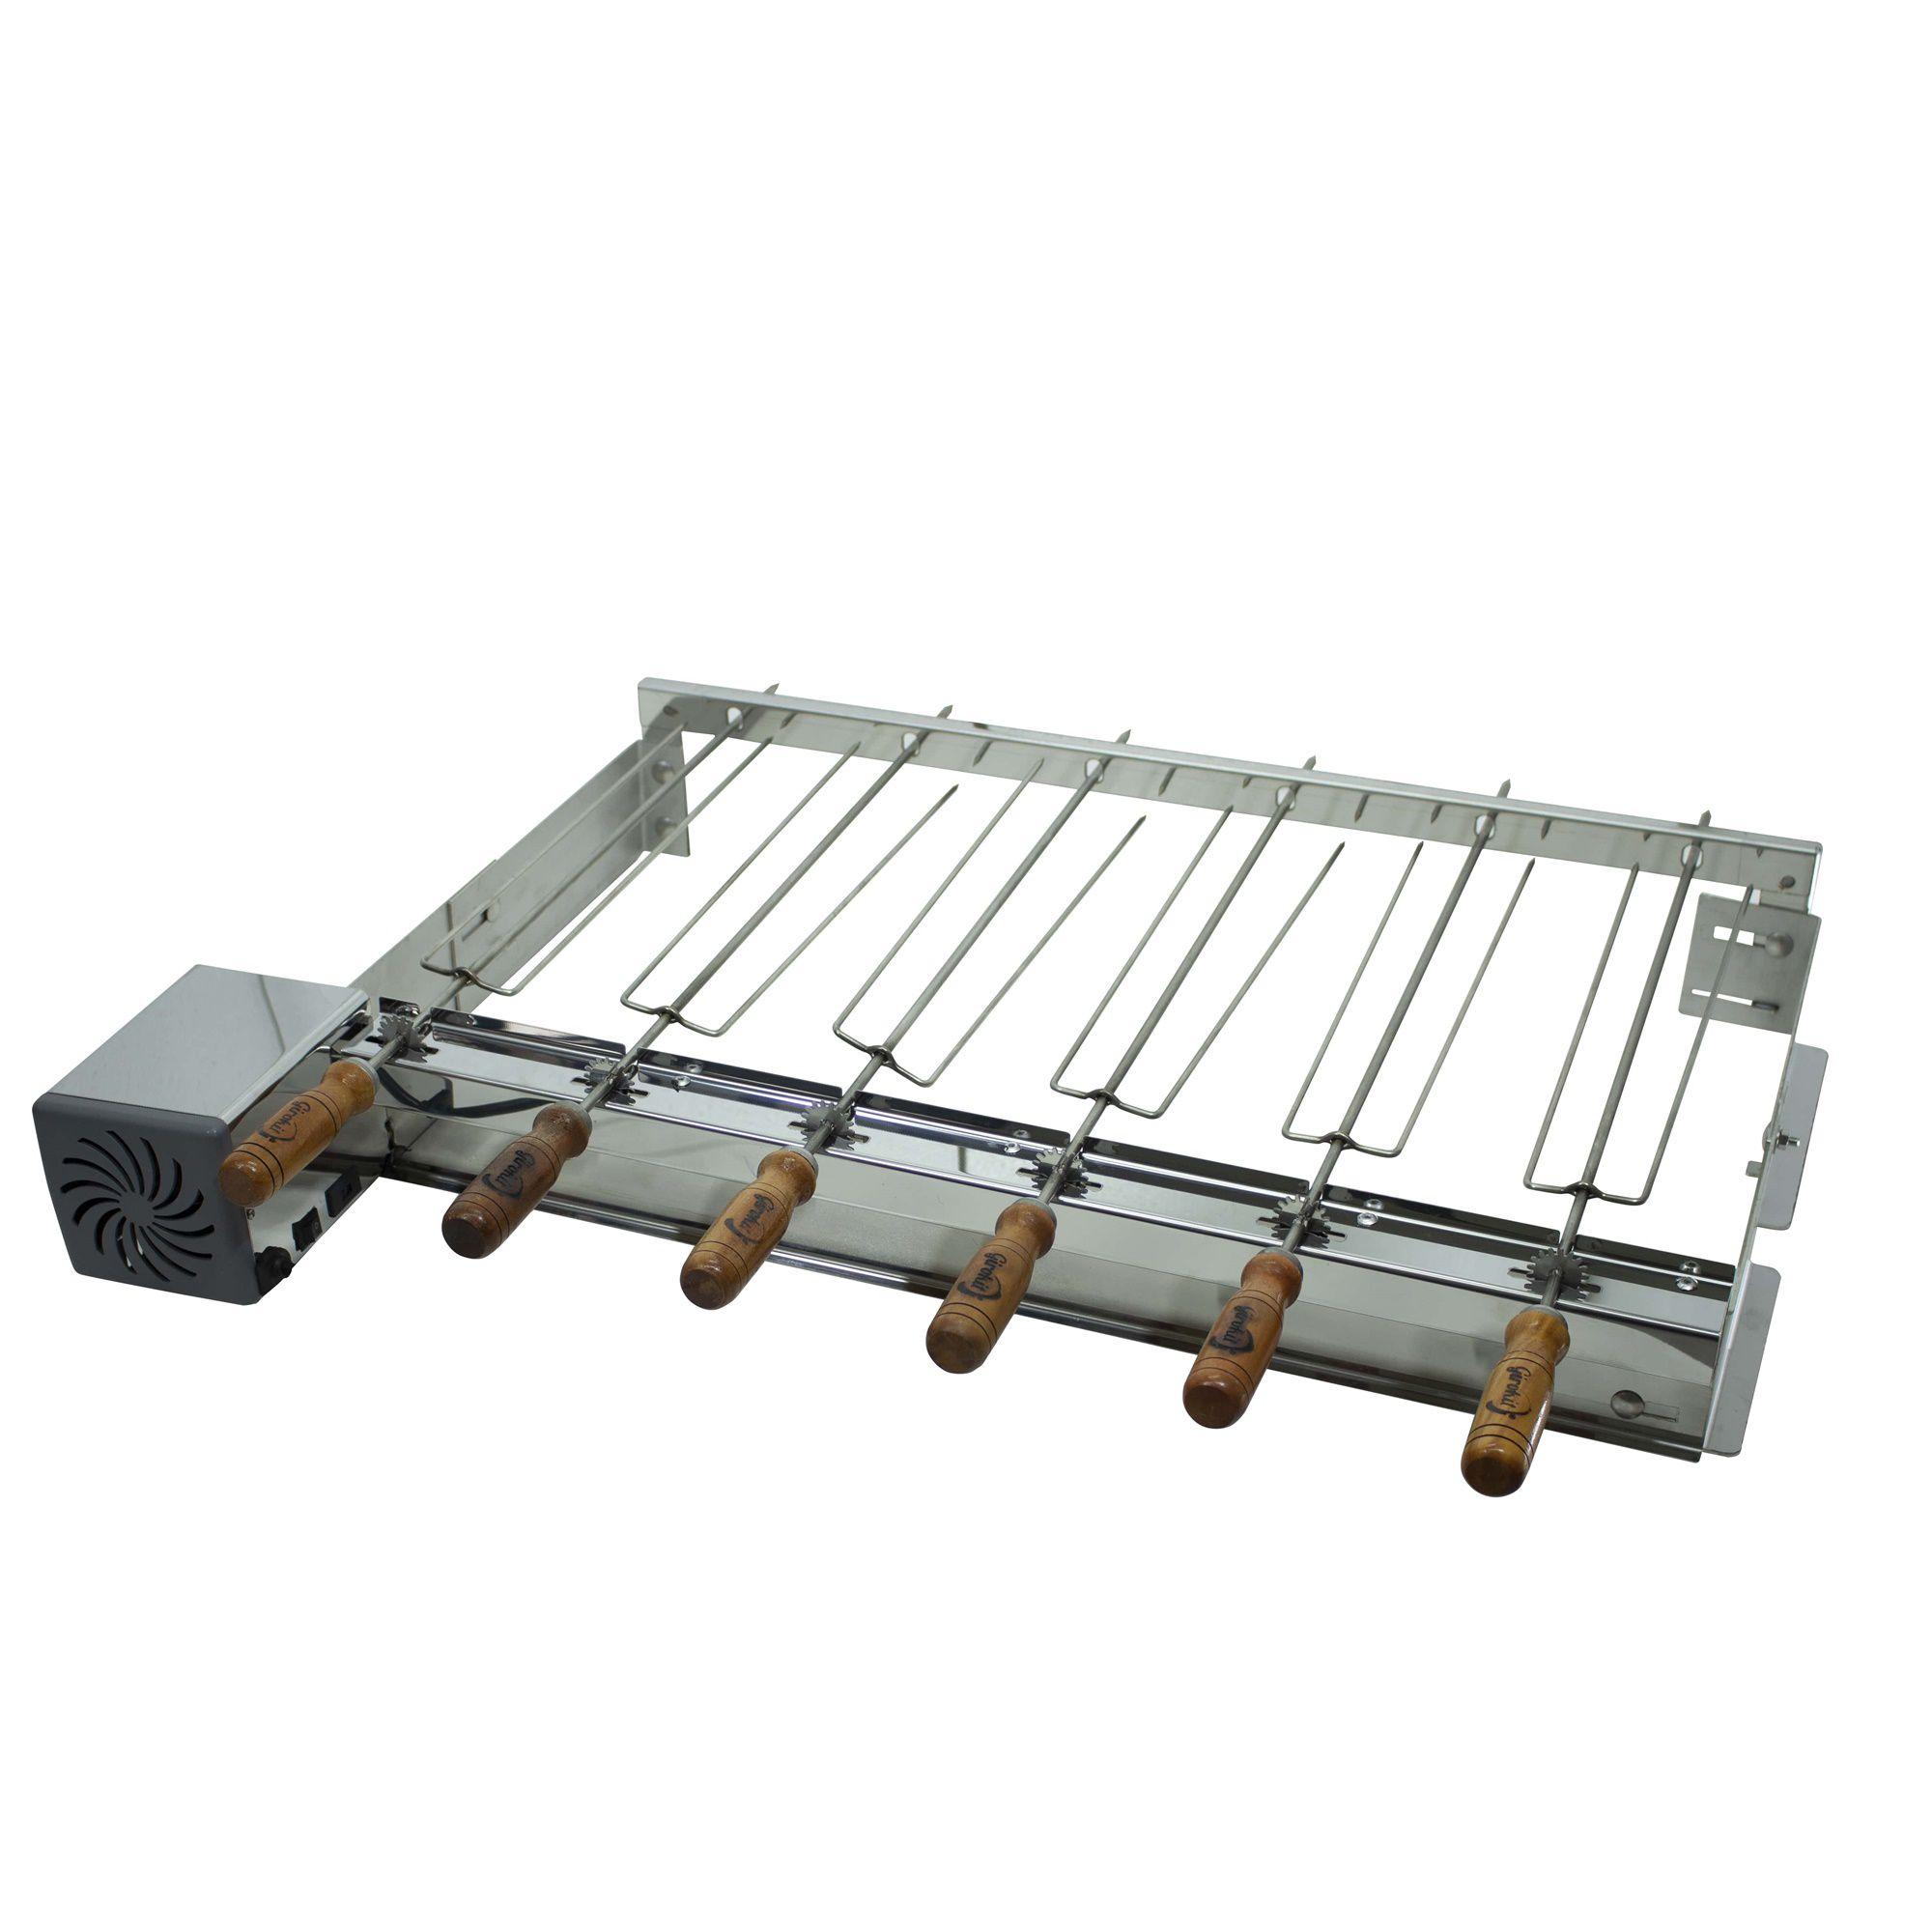 Churrasqueira de Inox Pre Moldada 6 Espetos Eletrica Giratória